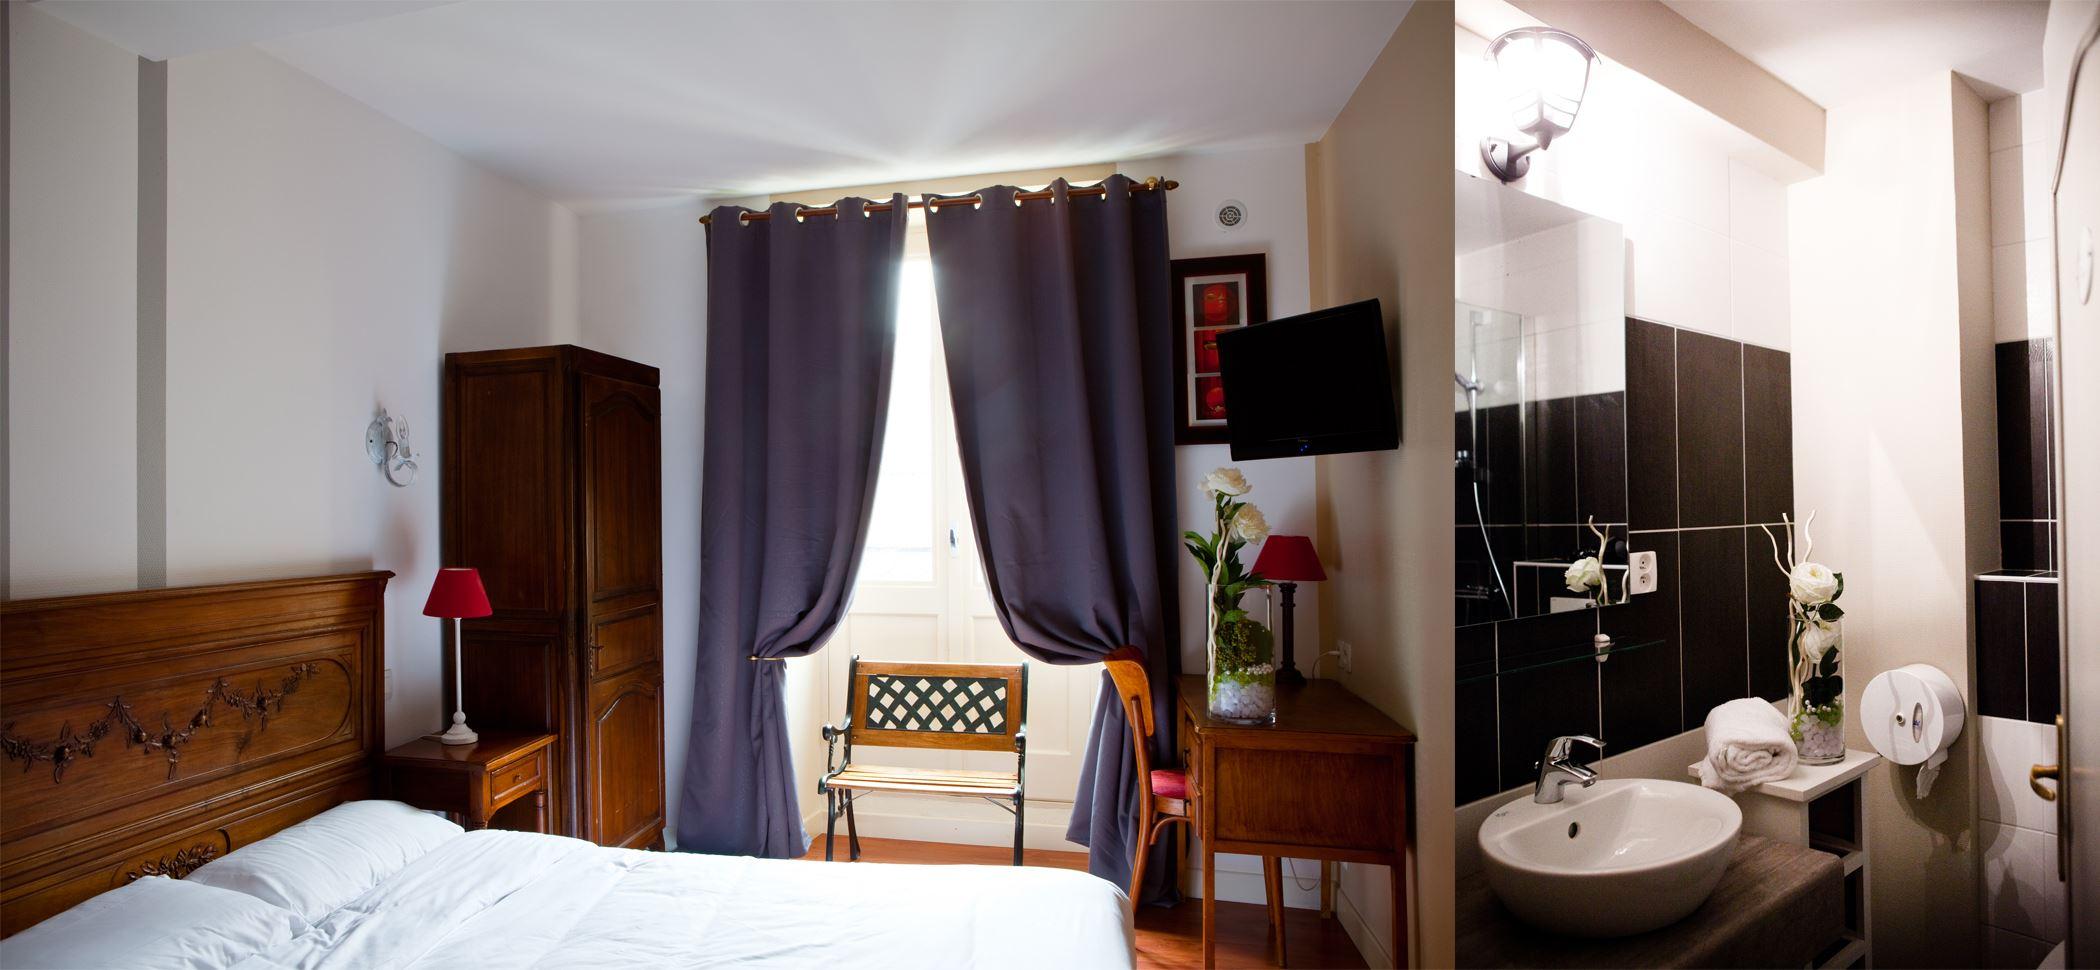 Hôtel Abat Jour